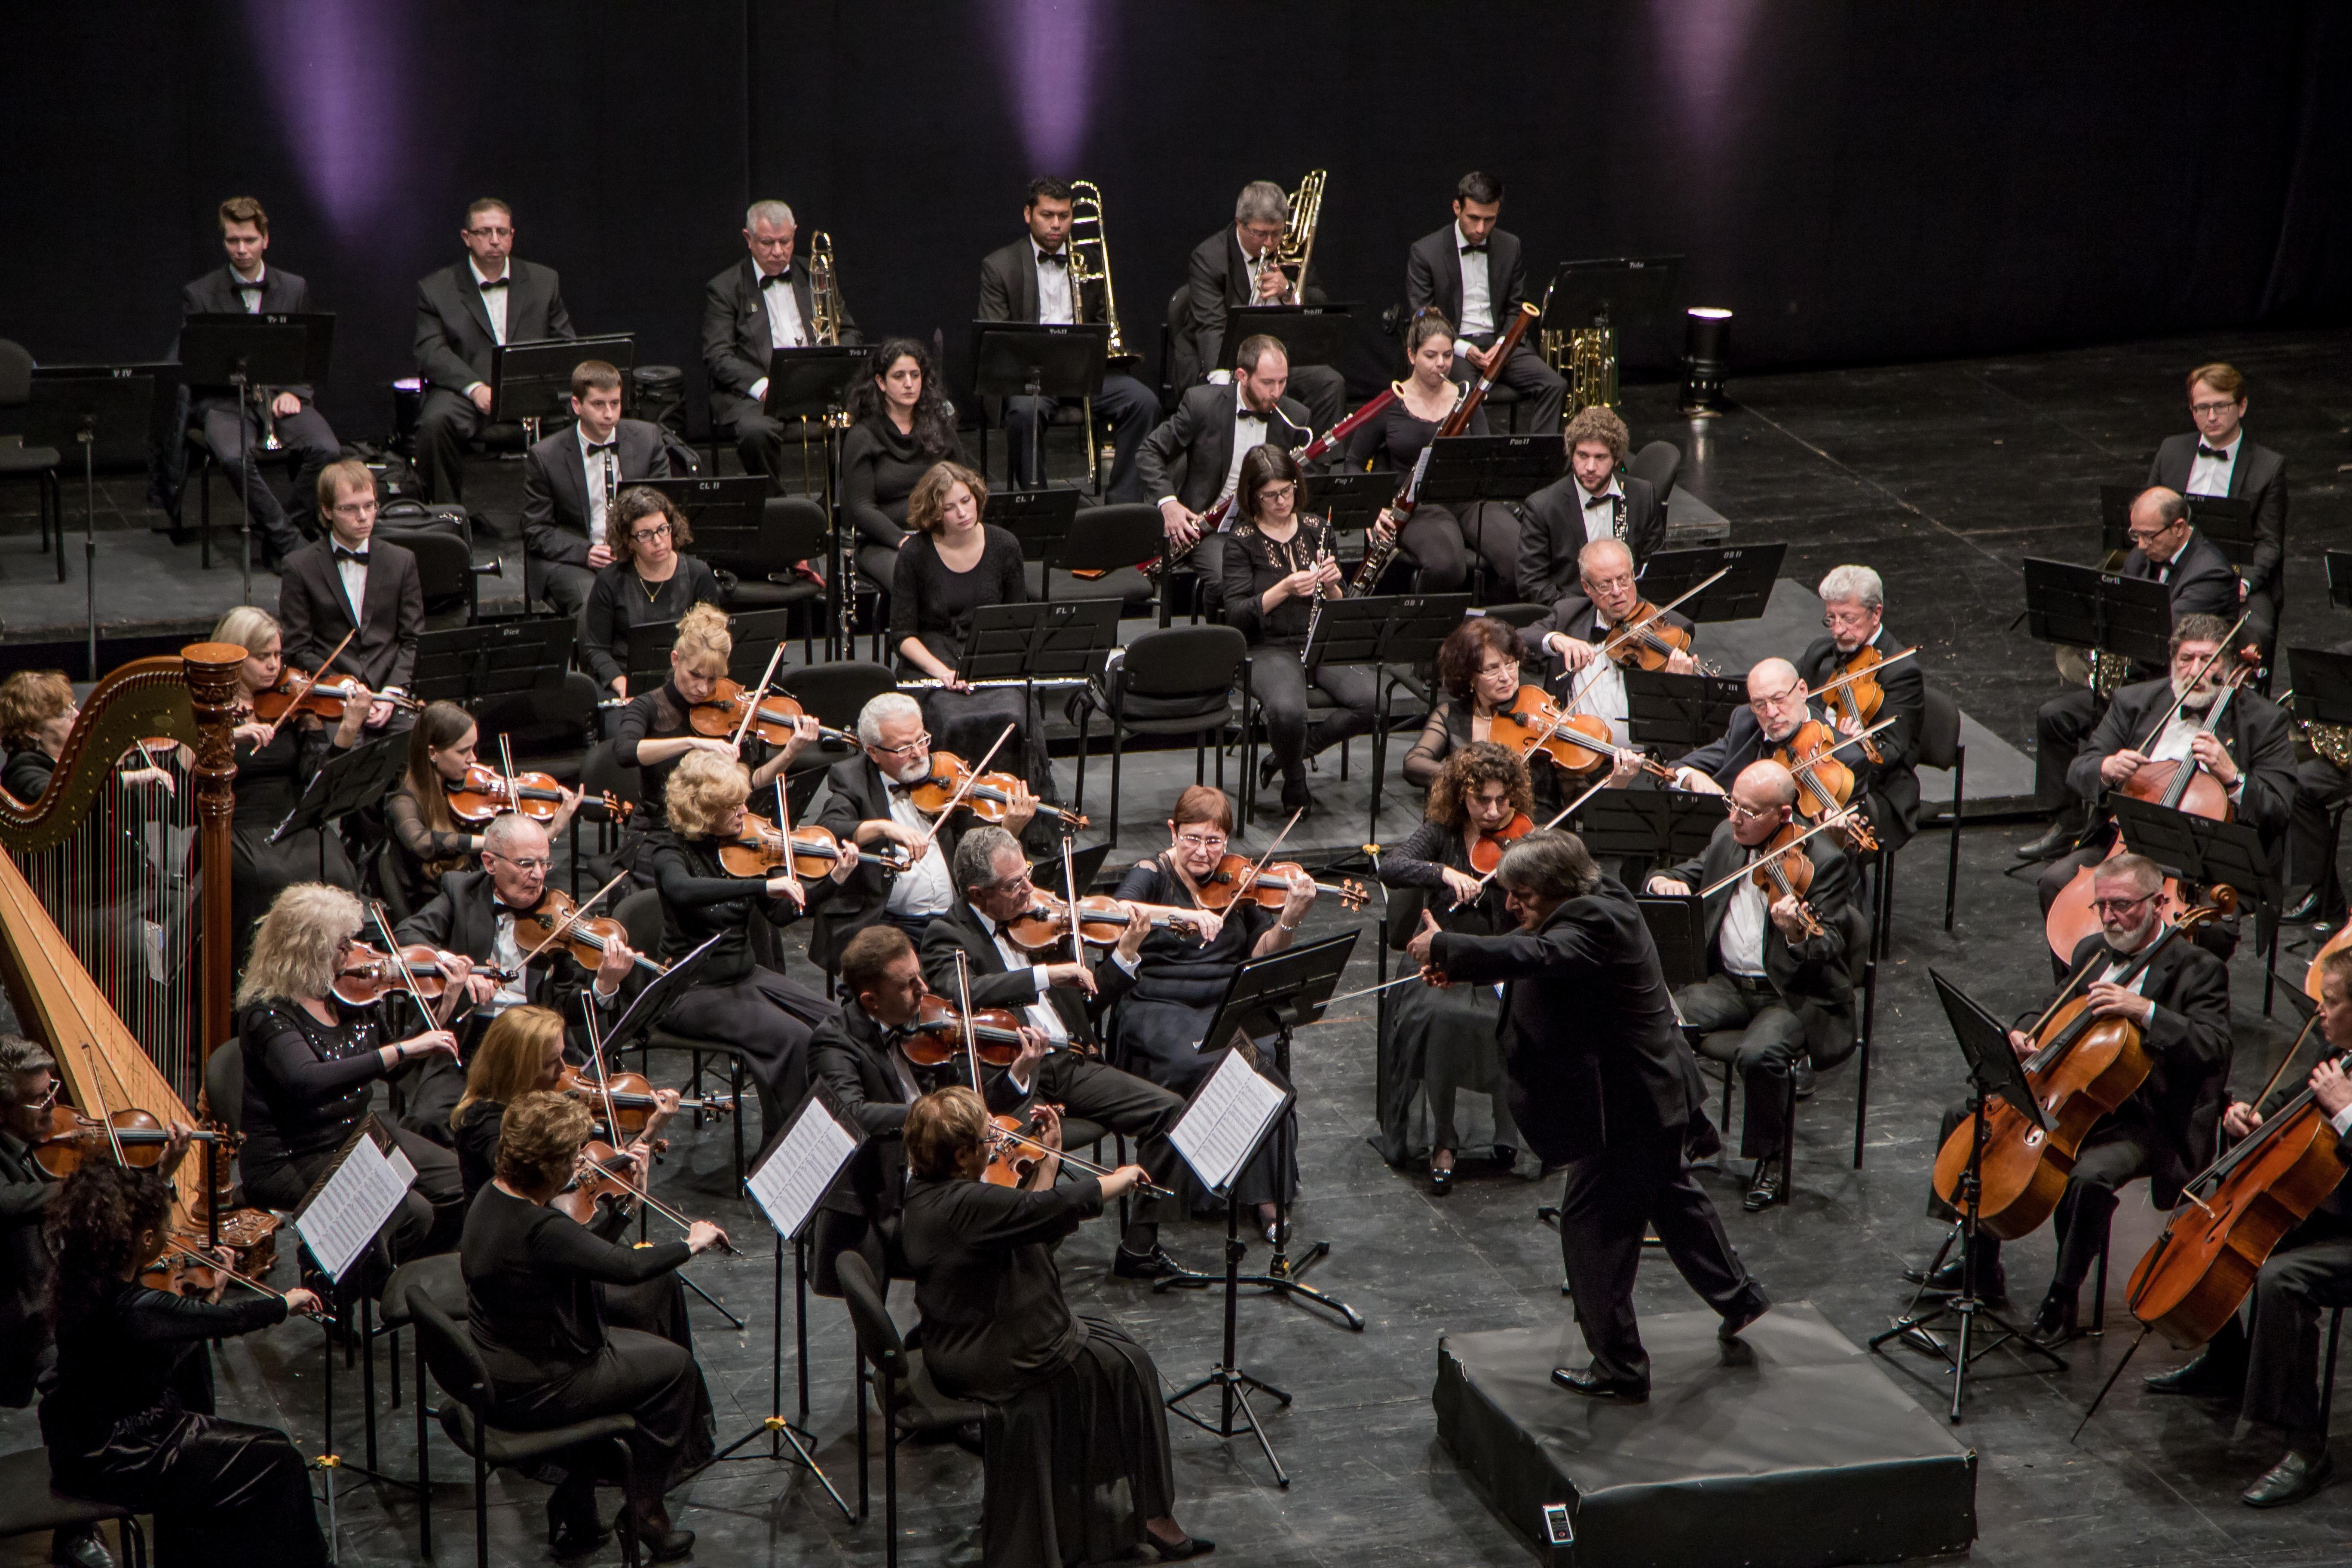 Ашдодский симфонический оркестр под управлением Вага Папяна. Фото - Марк Жолковский